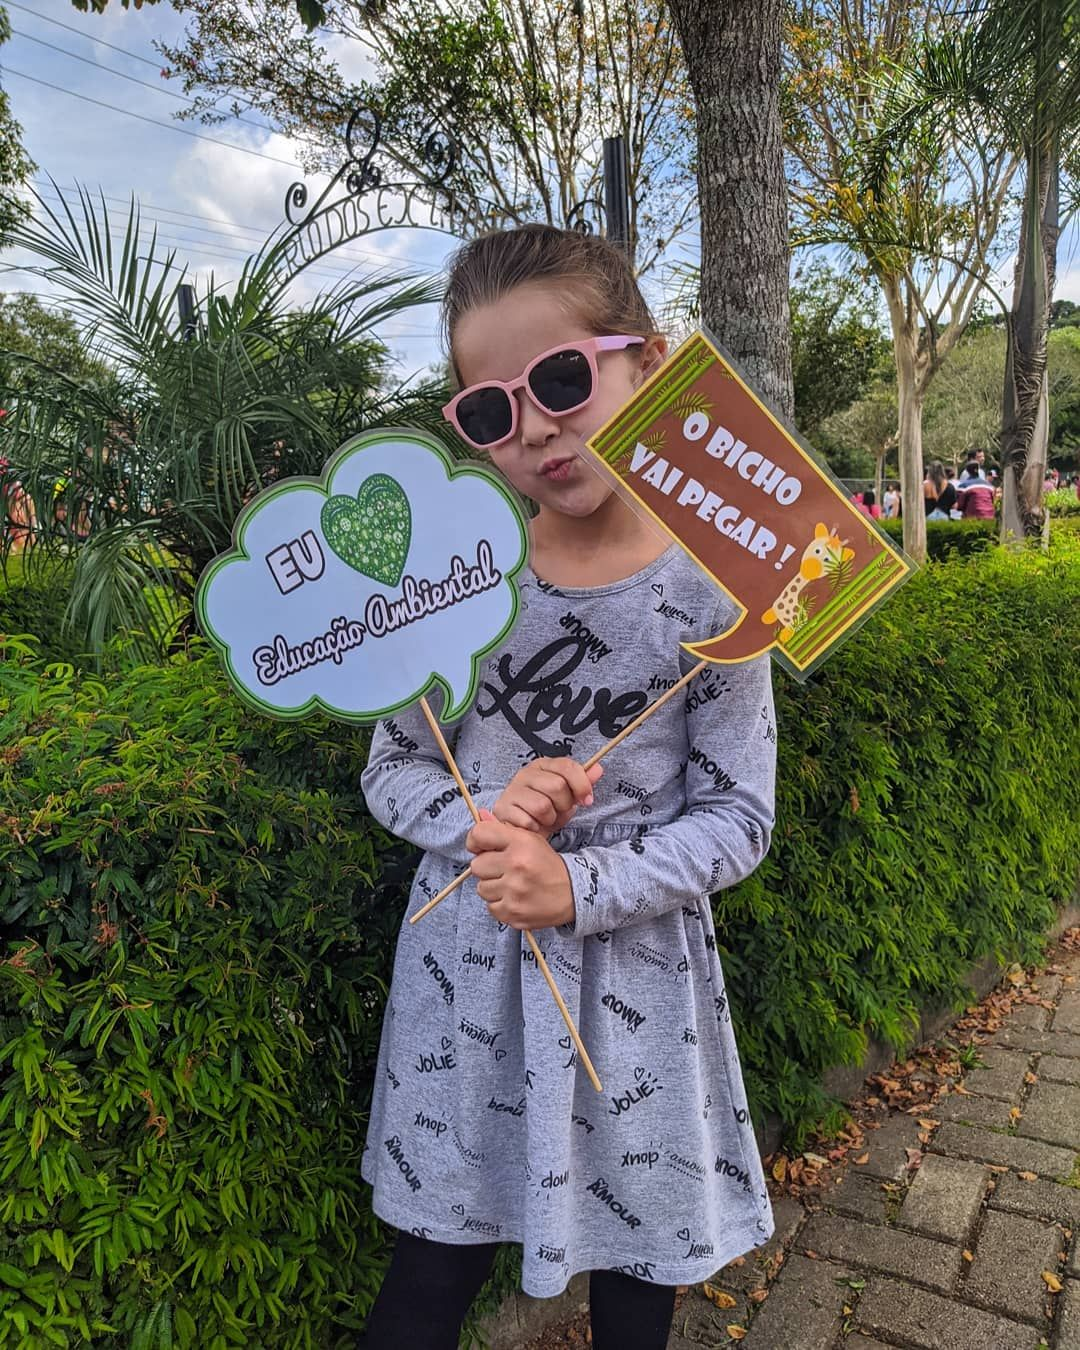 Dia lindo e abençoado com a família no Zoológico! 🦌🐢🐊🐍🦜🦚 . . . . . . . . . . #curitiba #brasil #cwb #brazil #curitibacool #parana #zoologico #photography #instagood #love #nature #curitibacult #travel #zoologicocuritiba #curitibando #curitibacult #domingo #familia #gratidao #carnaval2020